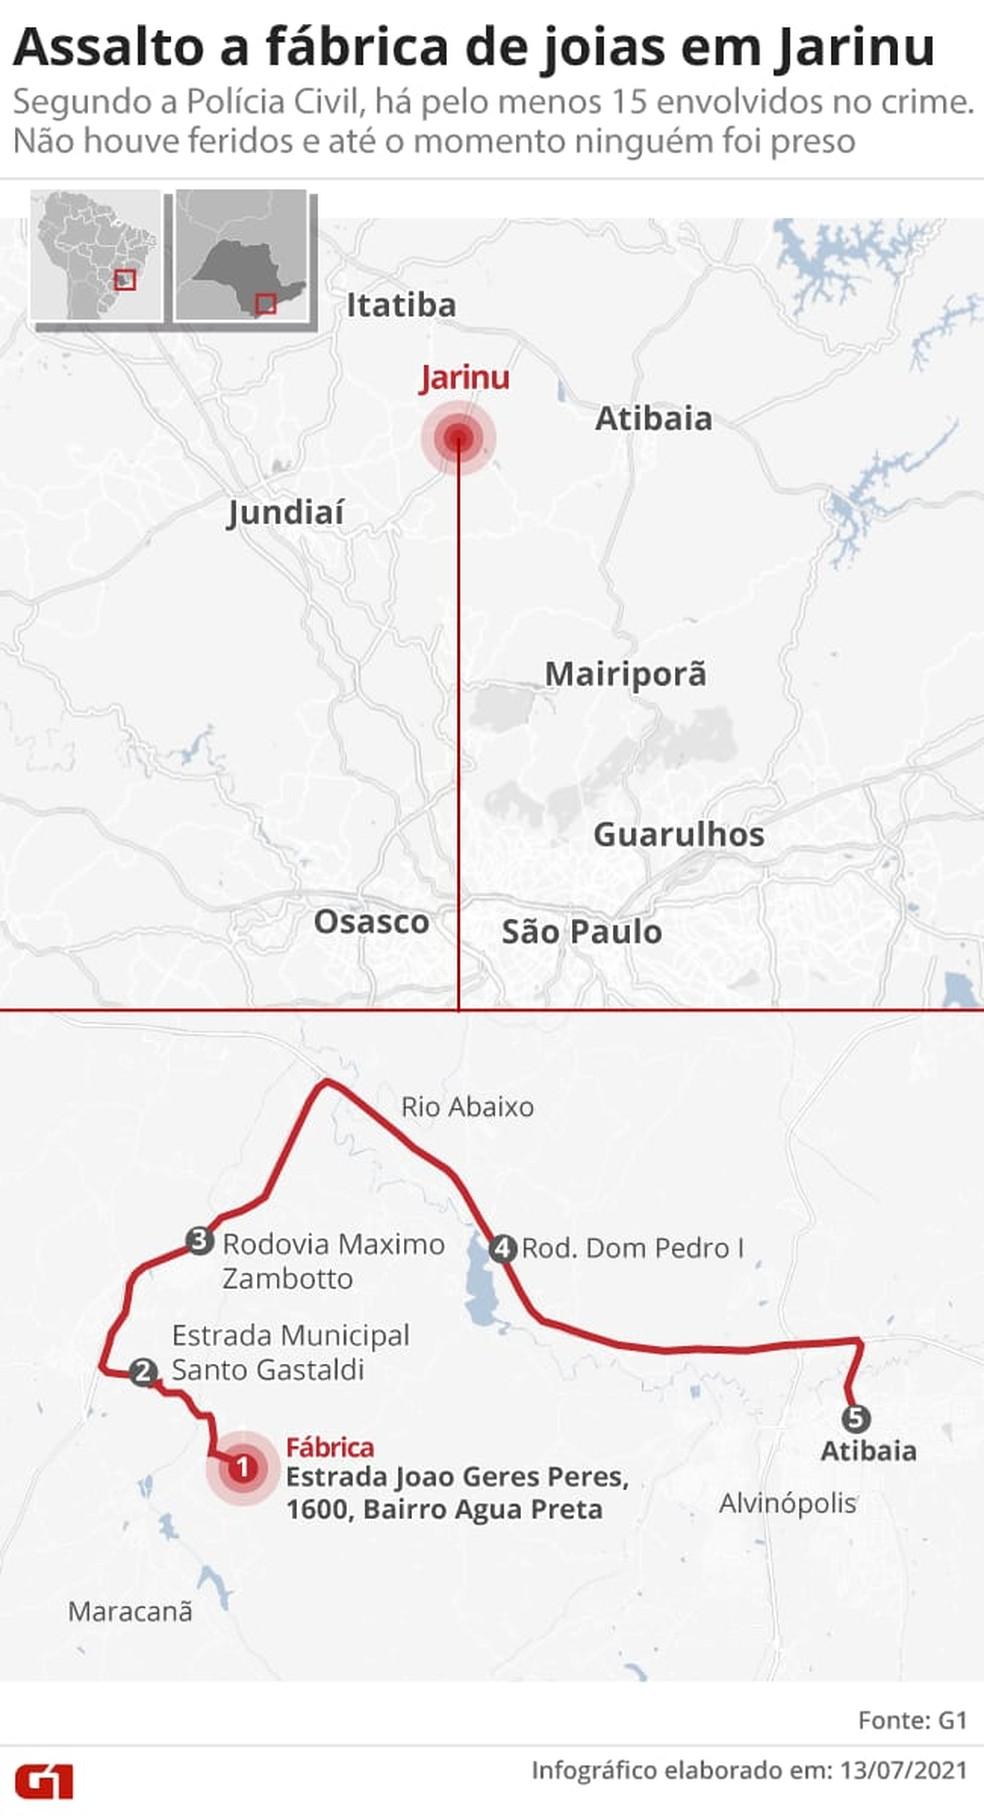 Localização da fábrica de joias assaltada em Jarinu (SP) — Foto: Arte/G1